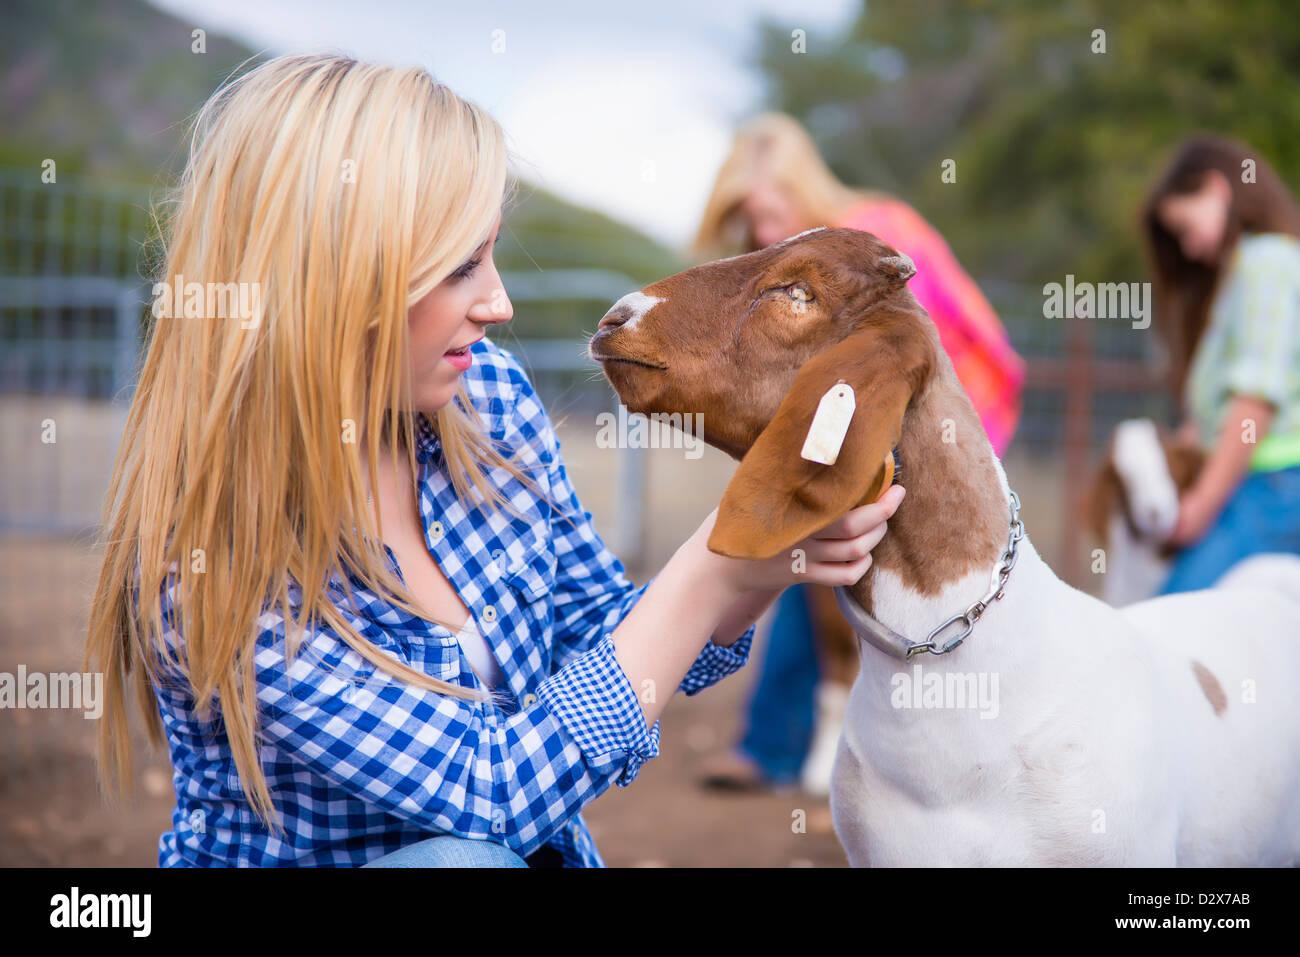 Bambini su allevamento di prendersi cura degli animali Immagini Stock